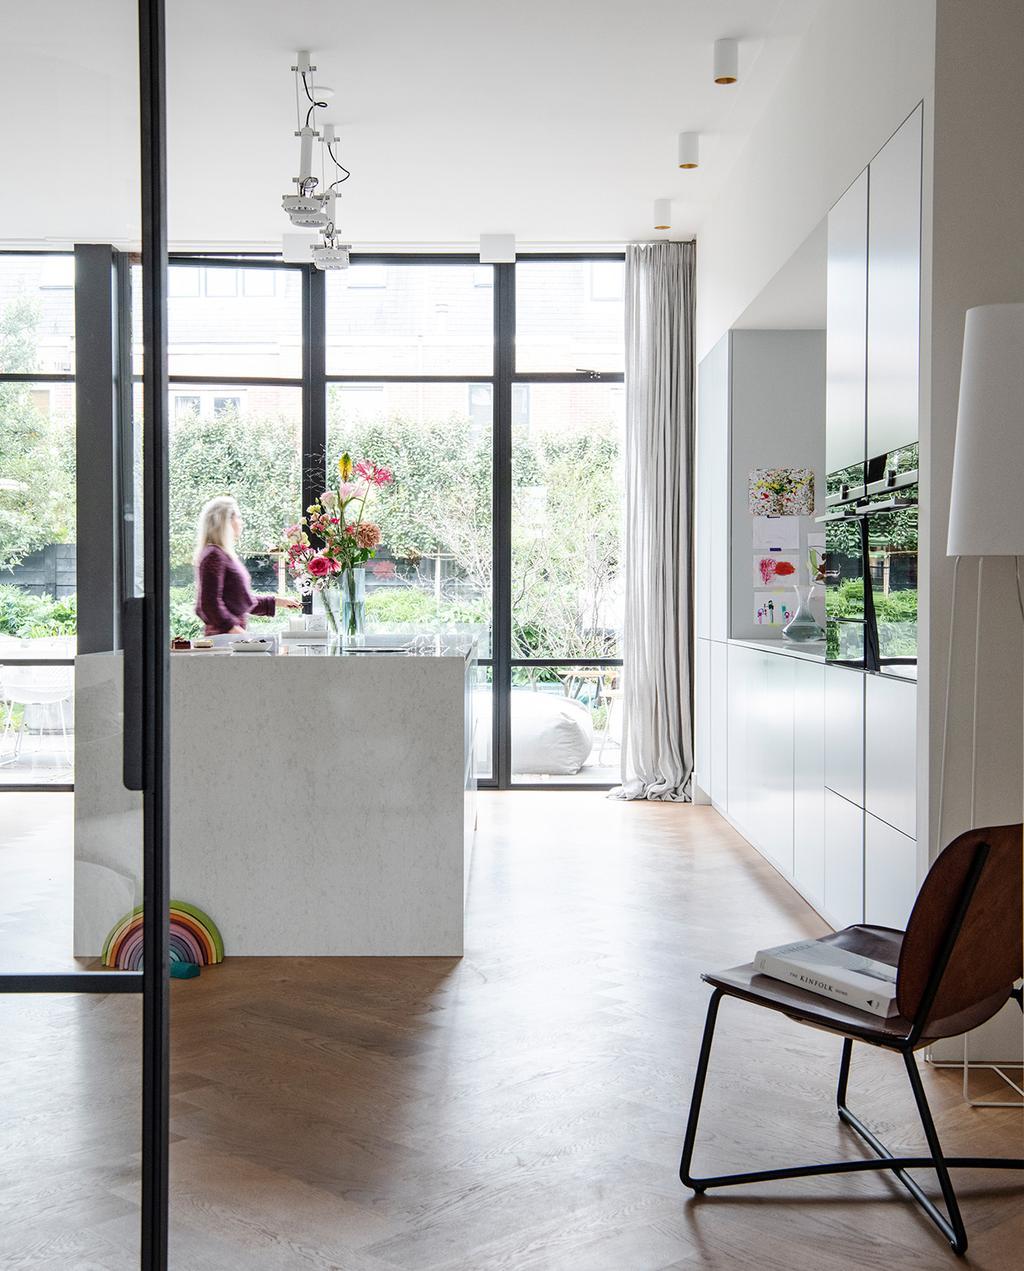 vtwonen 04-2021 | keuken met grote glazen wand en kookeiland